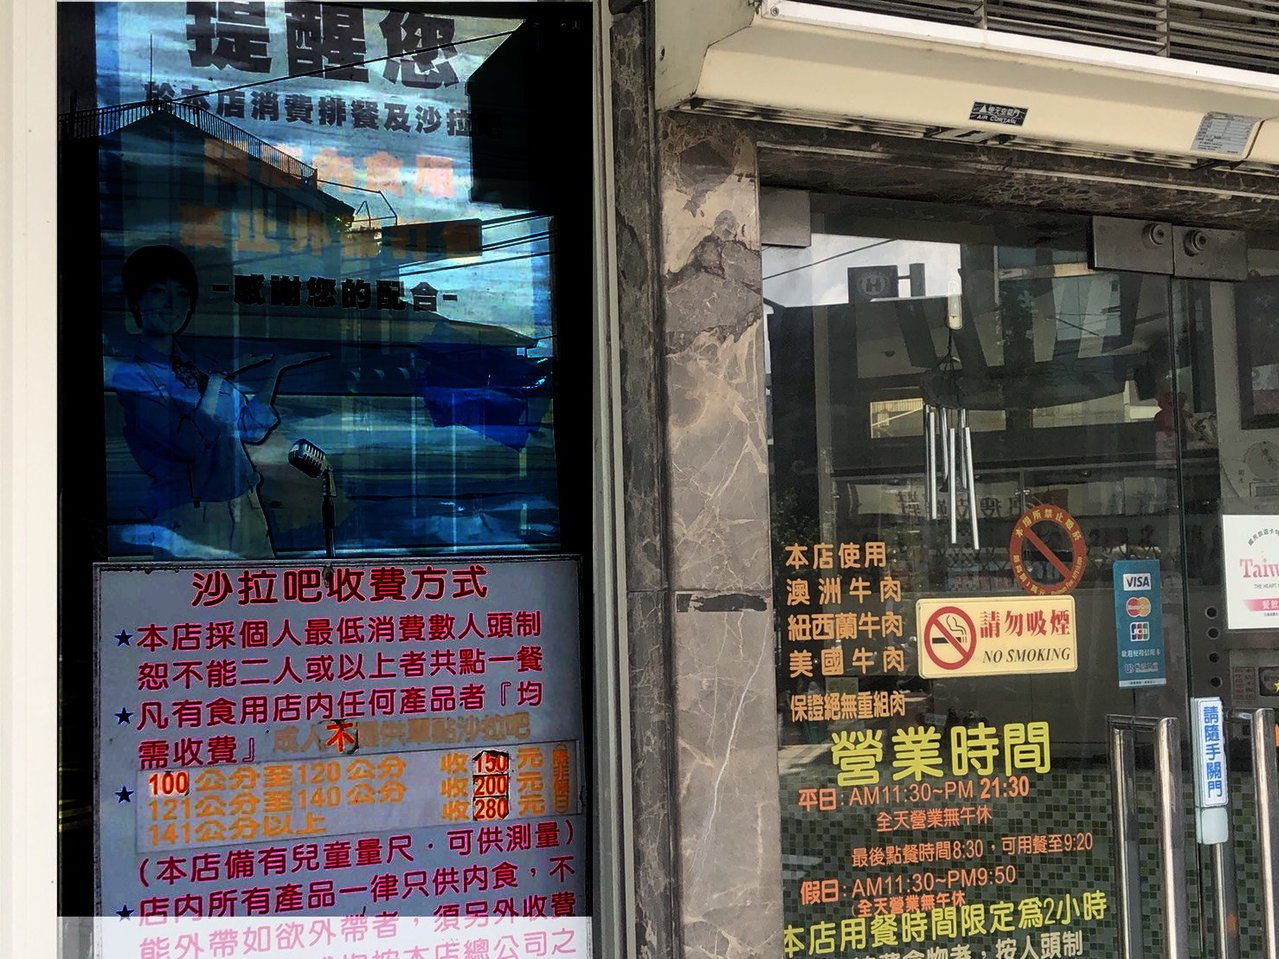 遭奧客偷外帶的連鎖牛排店店門口雖採吃到飽,但店門口海報有公告「禁止外帶打包」。圖...